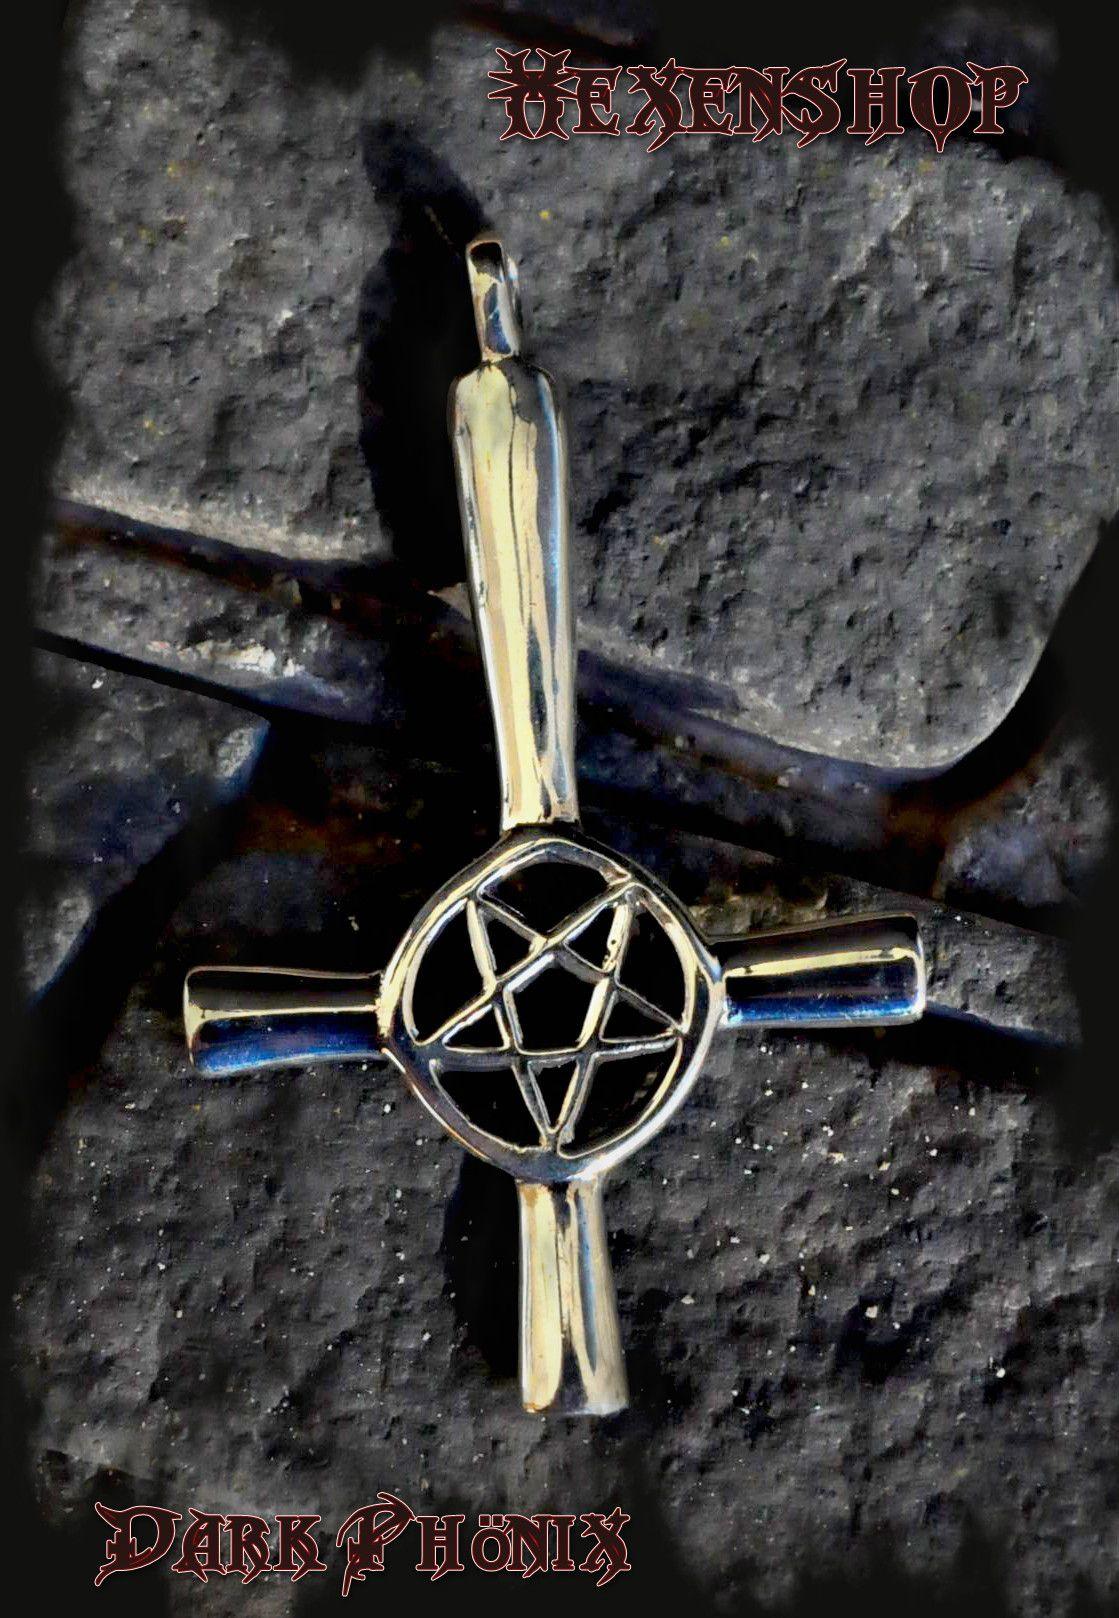 Das Satanische Kreuz Ist Das Symbol Des Linken Pfades Es Verkorpert Die Macht Der Dunklen Seite Und Die Destruktiven K Pentagramm Drudenfuss Funfzackiger Stern